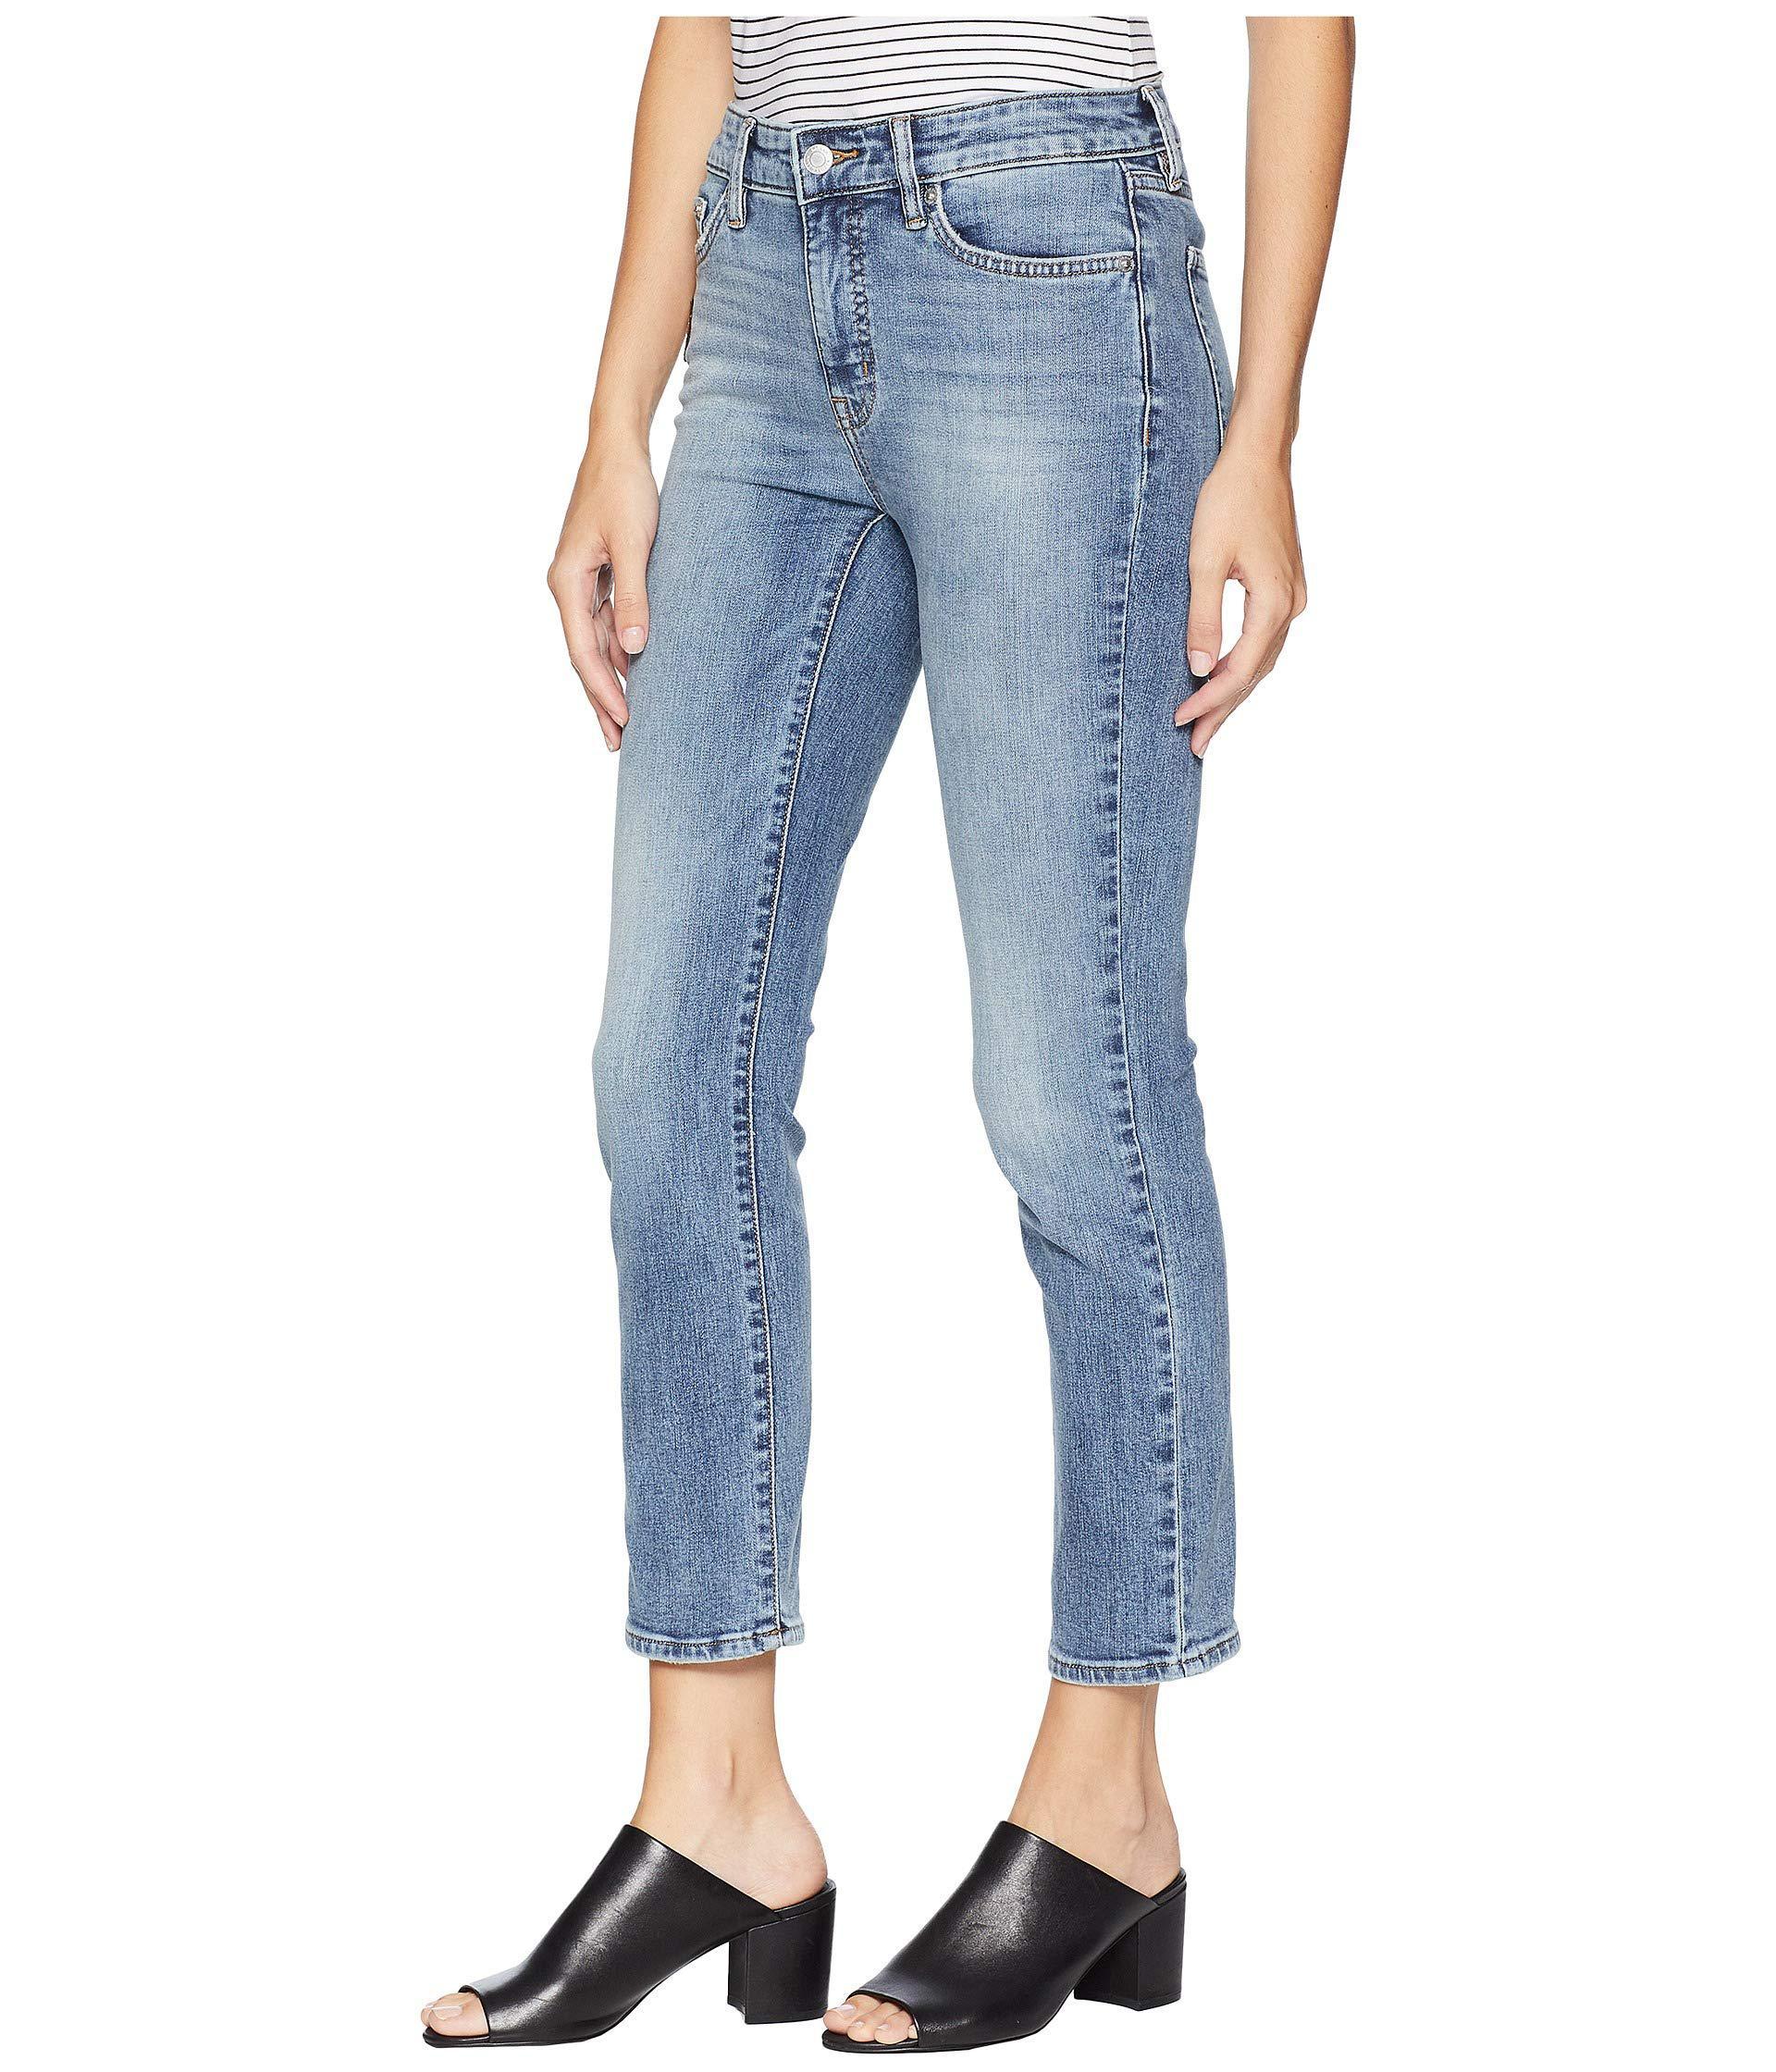 fe99e91db9d6c Lyst - Lauren by Ralph Lauren Premier Straight Ankle Jeans (light Authentic  Wash) Women s Jeans in Blue